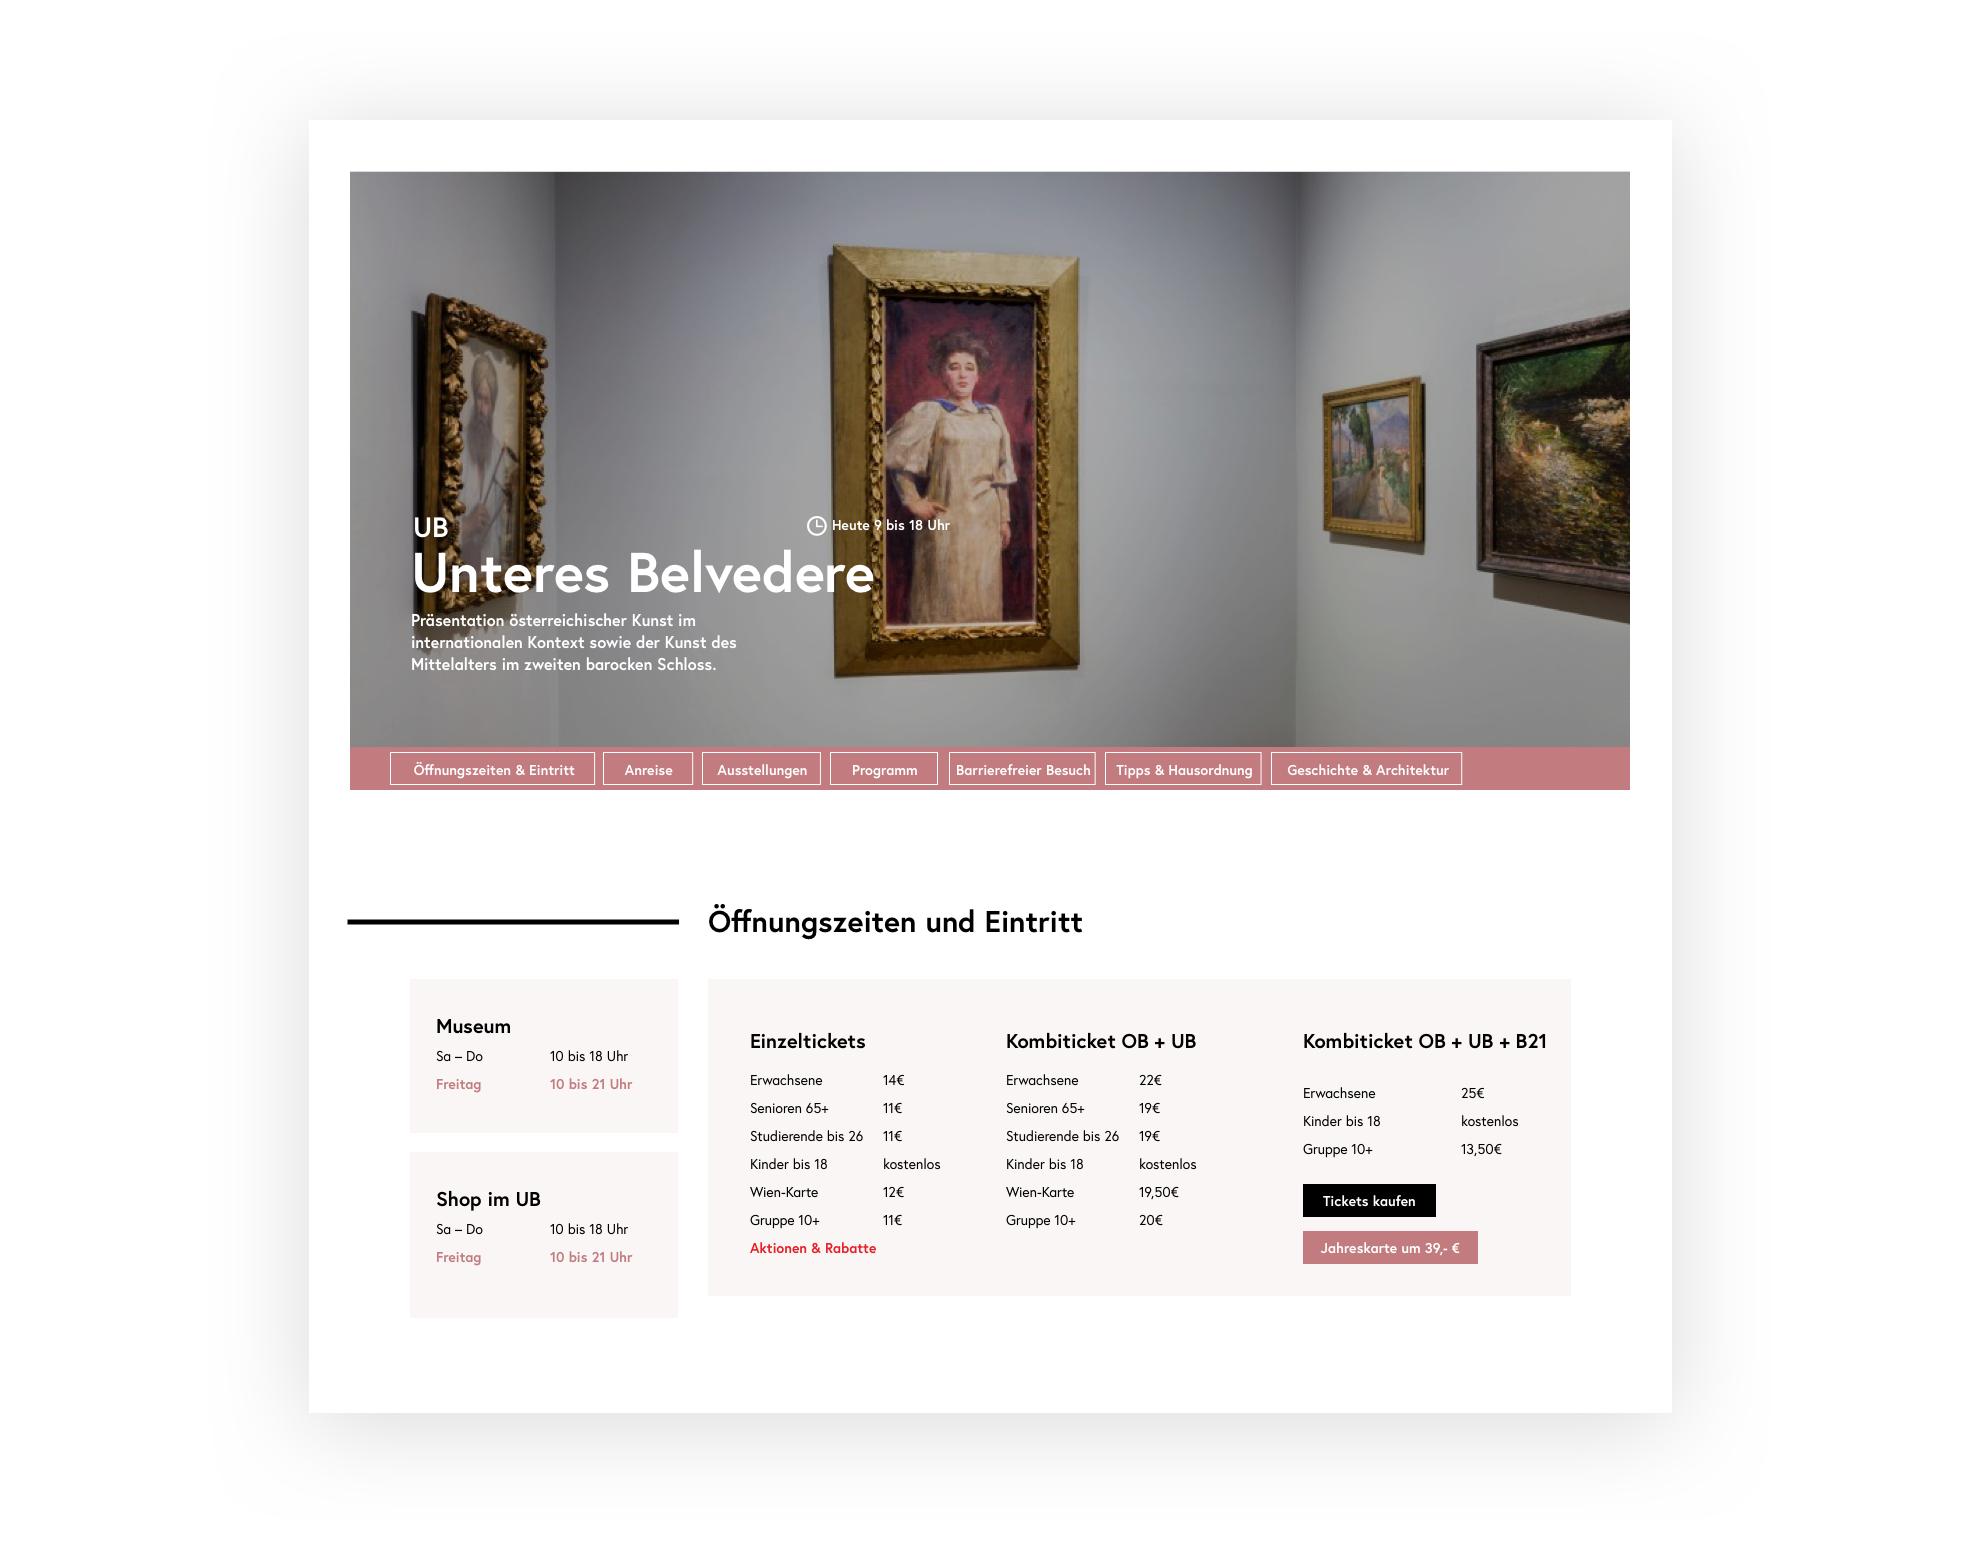 """Ein Screenshot der """"Besuch planen"""" Unterseite. Öffnungszeiten und Ticketpreise aus dem Unteren Belvedere sind abgebildet."""